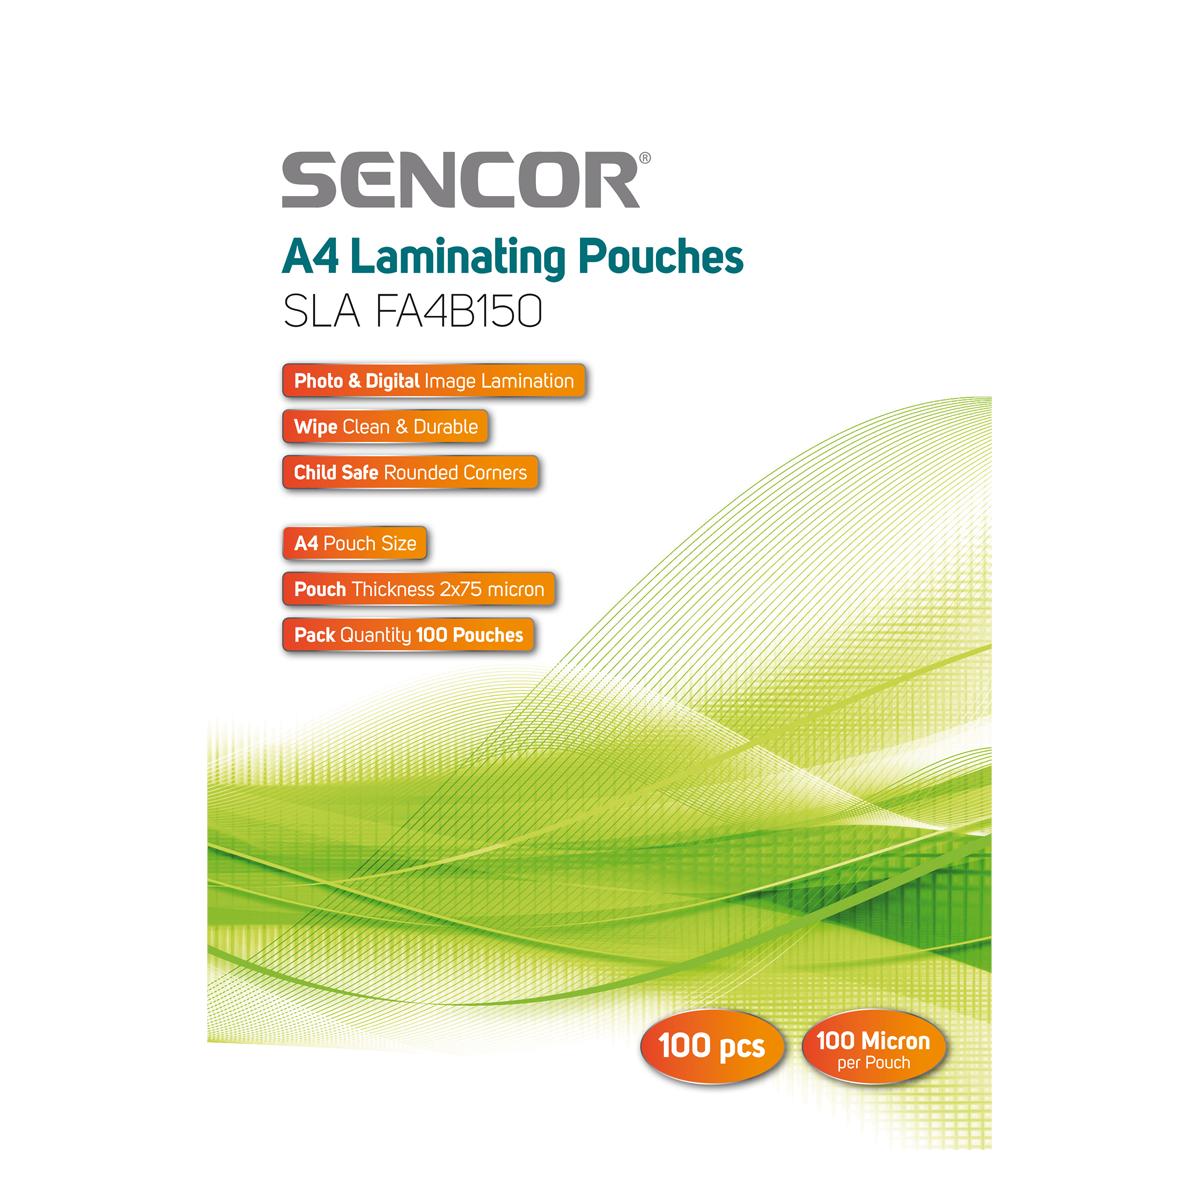 Sencor SLA FA4B150 Plēves laminēšanai laminators